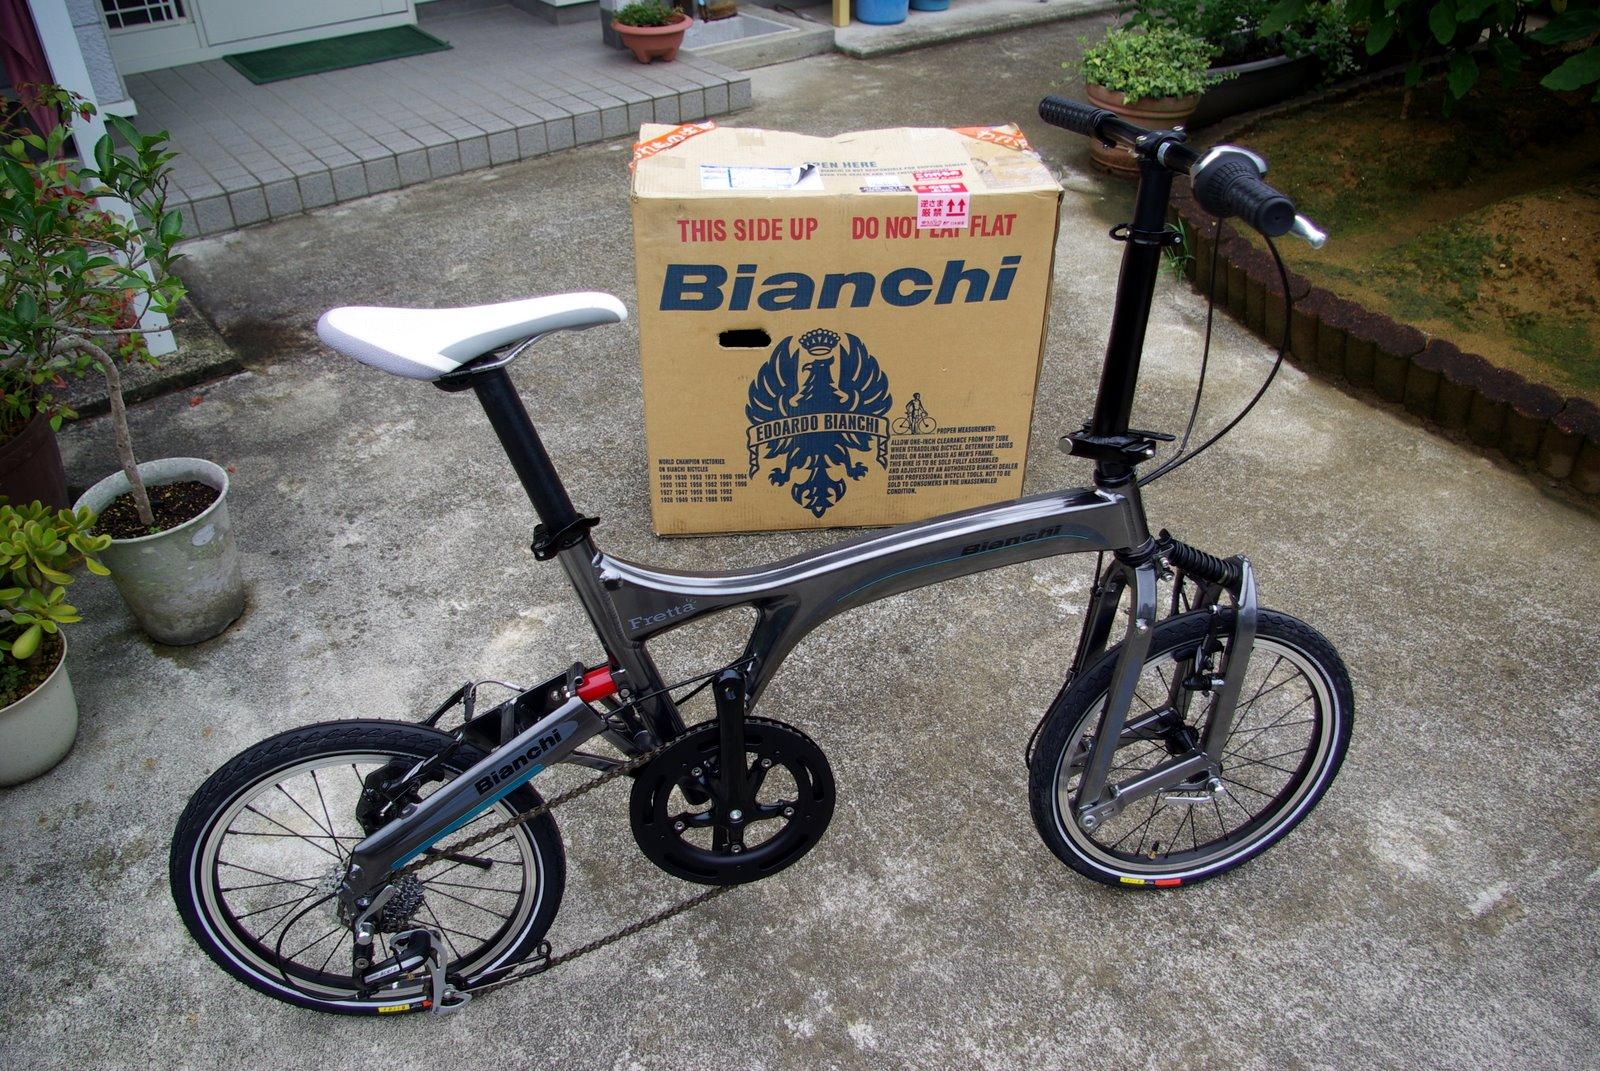 自転車の 自転車 高い 理由 : ... 自転車と言われている。)が